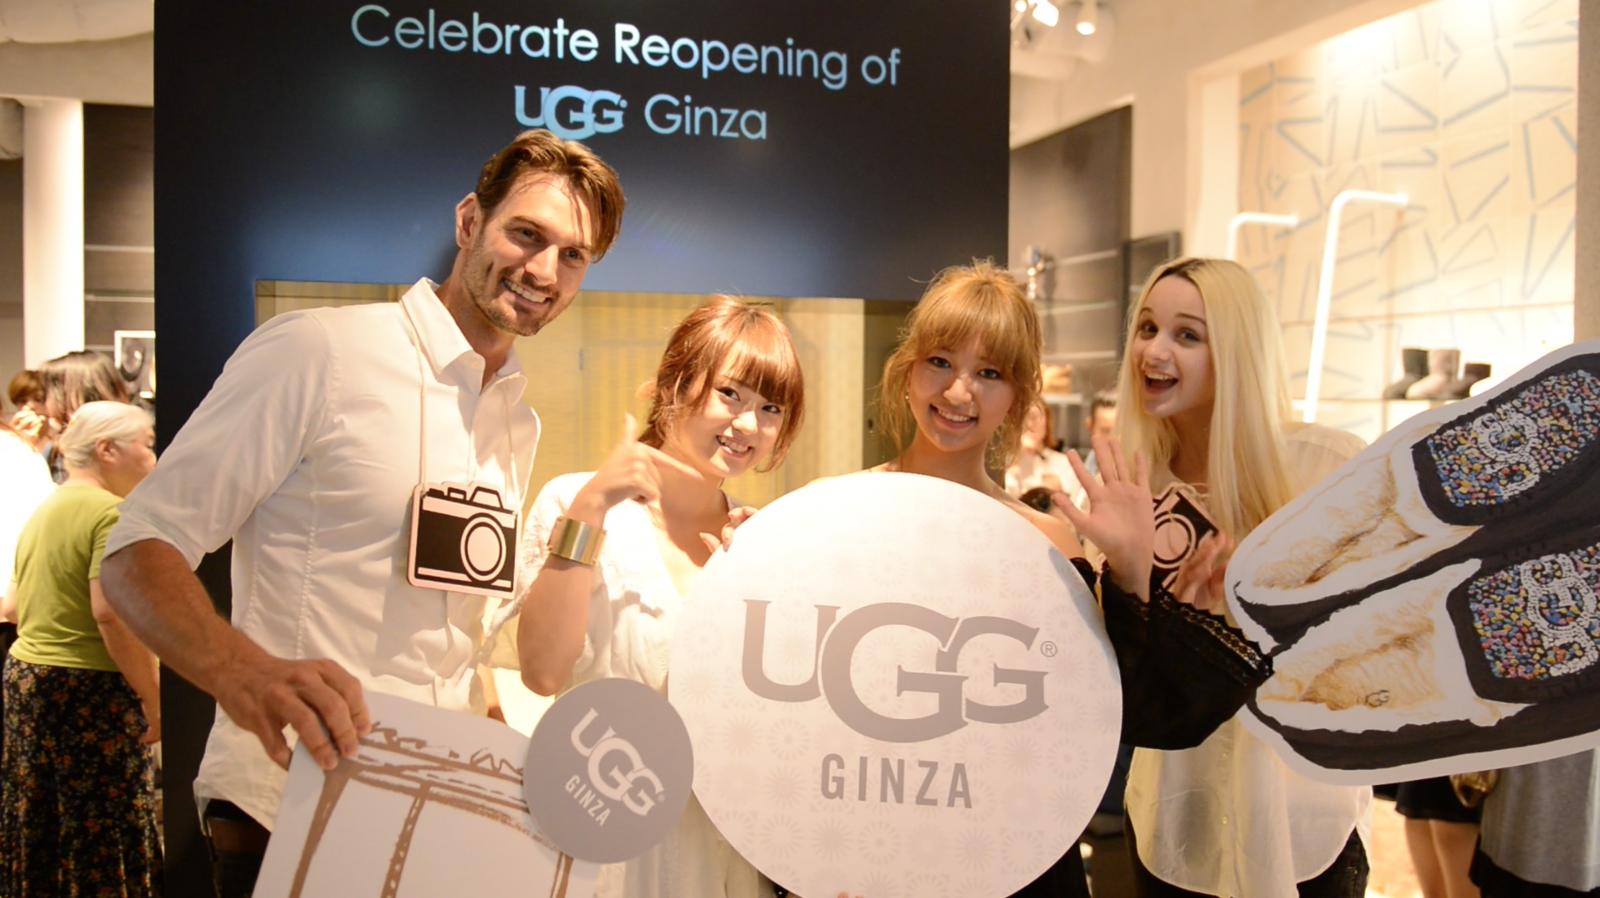 UGG®ファンが銀座に集結!UGG® Ginzaがリニューアルオープンイベントを開催